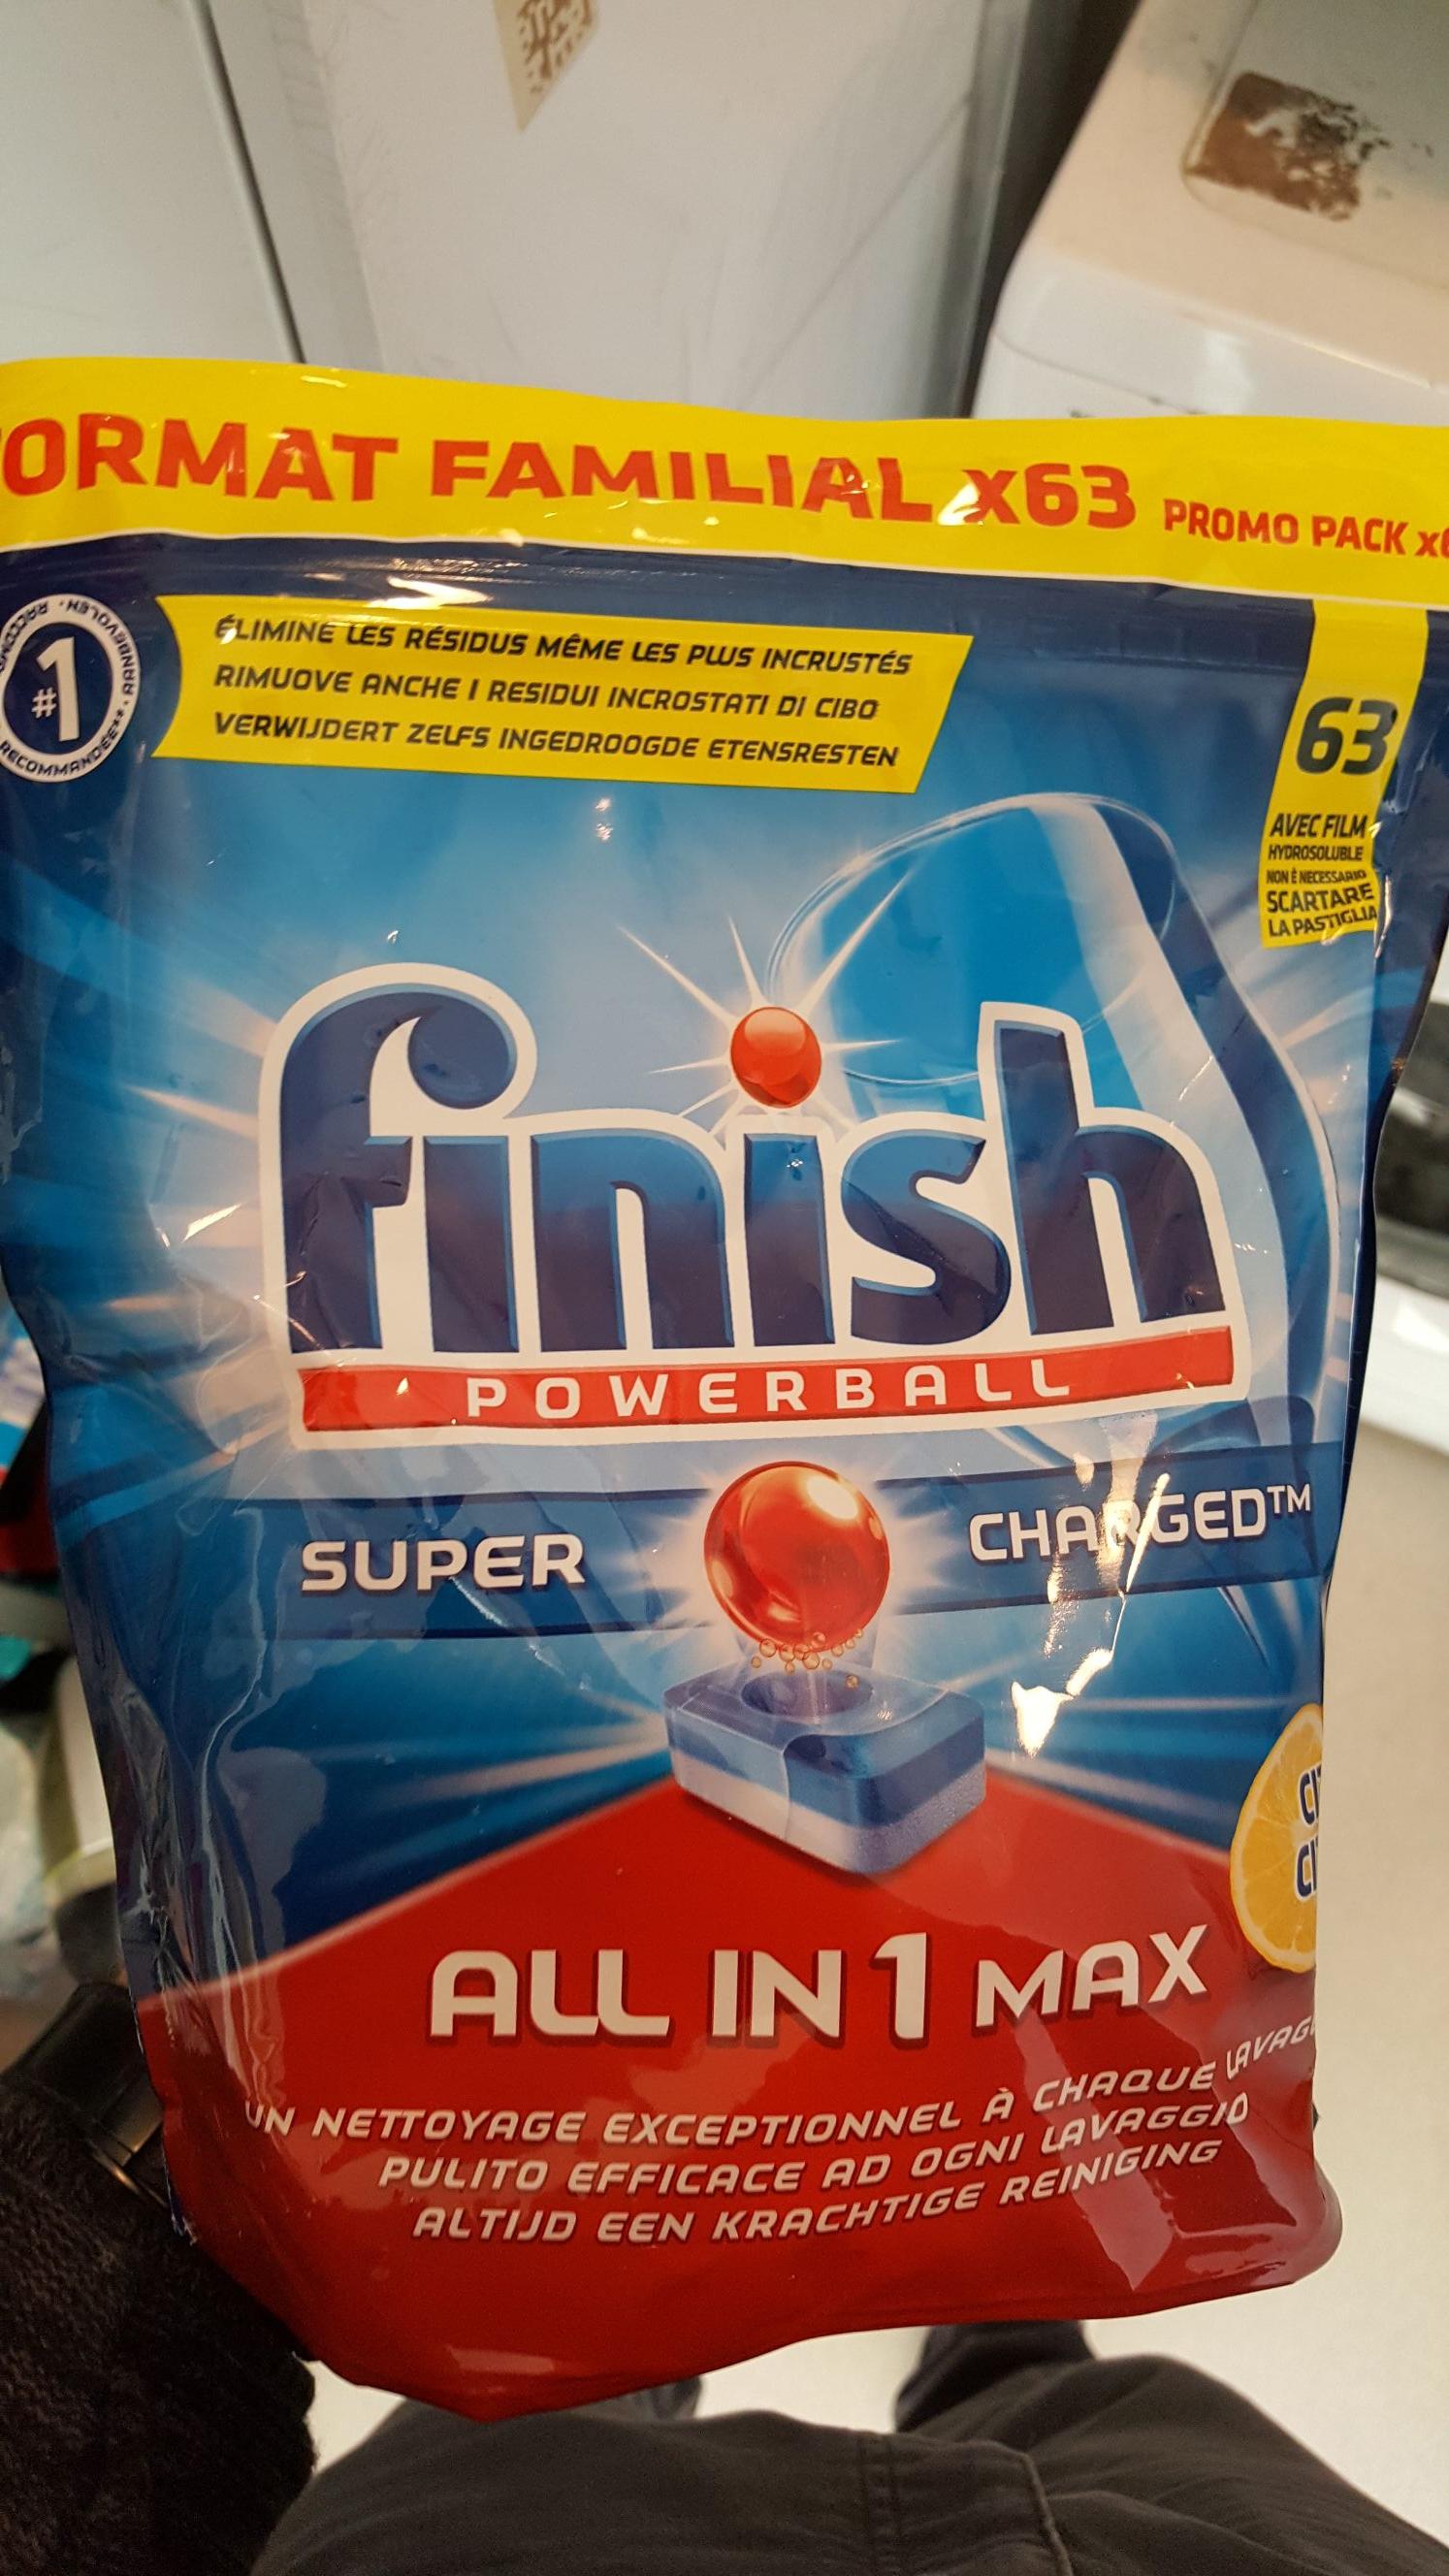 3 Paquets de tablette pour lave-vaisselle Finish - 63 tablettes par paquet